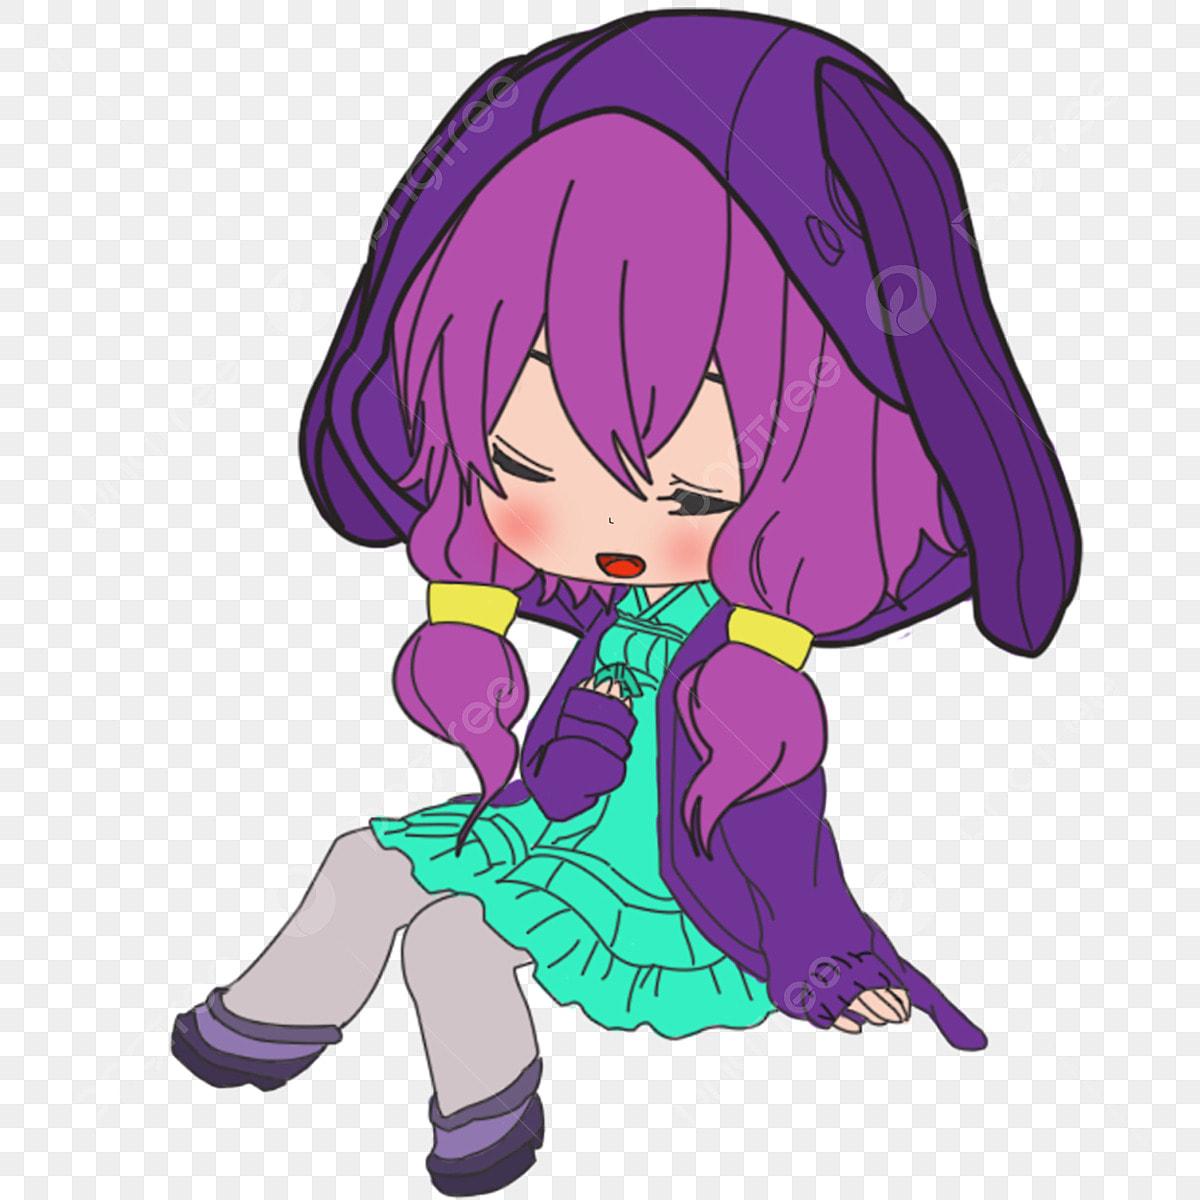 Q Menina Da Versão Fofa Menina Dos Desenhos Animados Anime Girl Menina,  Comic, Animados, Dos Imagem PNG e PSD Para Download Gratuito